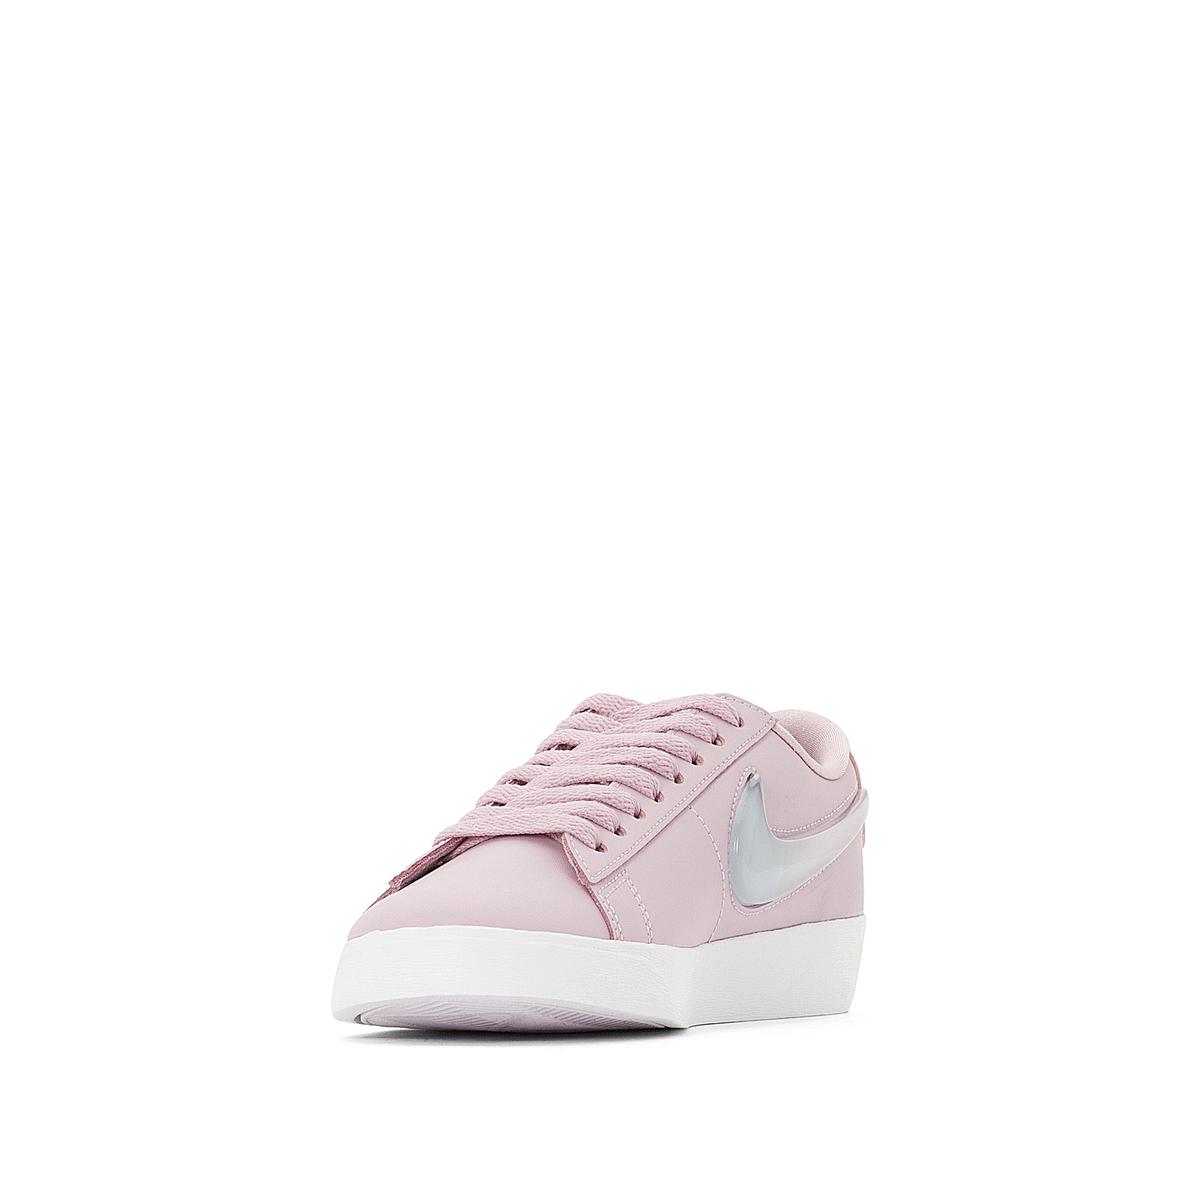 Imagen secundaria de producto de Zapatillas Blazer Low Lx - Nike